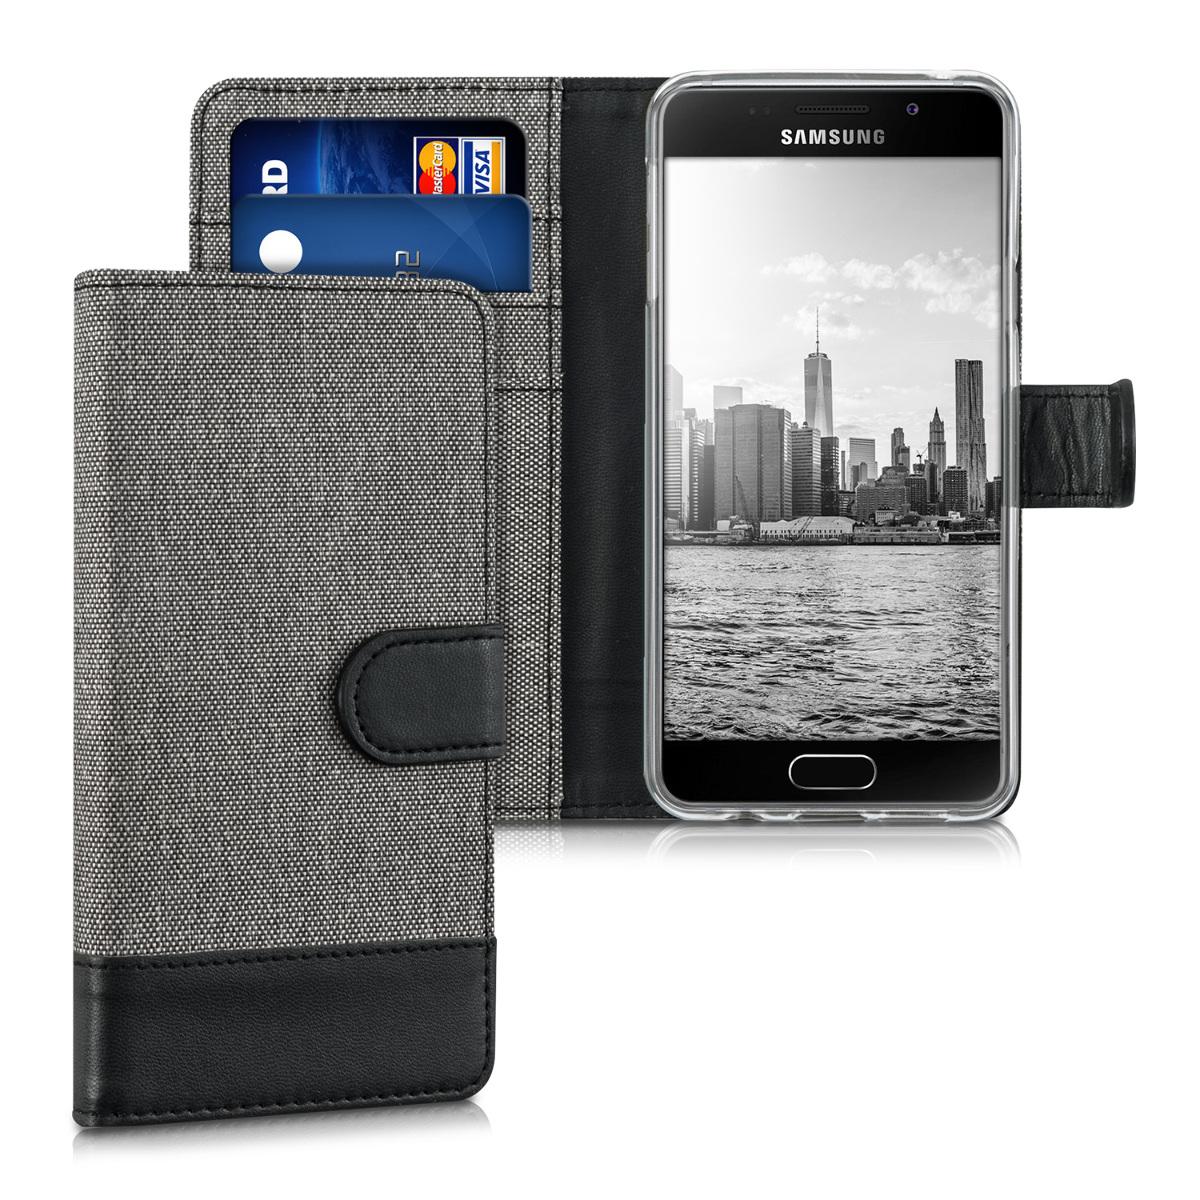 KW Θήκη - Πορτοφόλι Samsung Galaxy A3 (2016) - Συνθετικό Δέρμα - Grey / Black (39024.22)